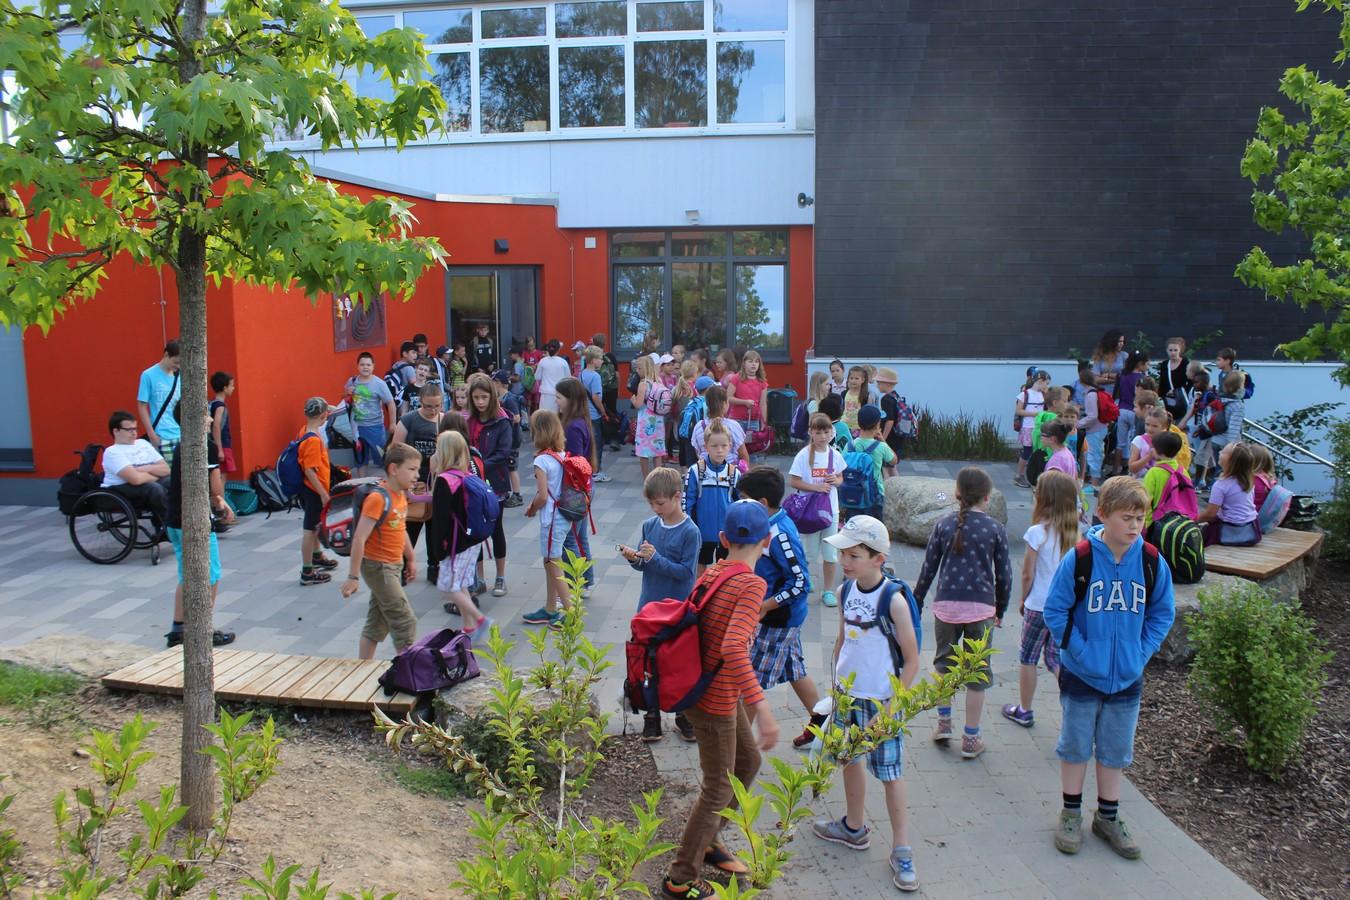 8. 30 Uhr vor dem Grundschuleingang ... gleich beginnt der 2. Projekttag ...